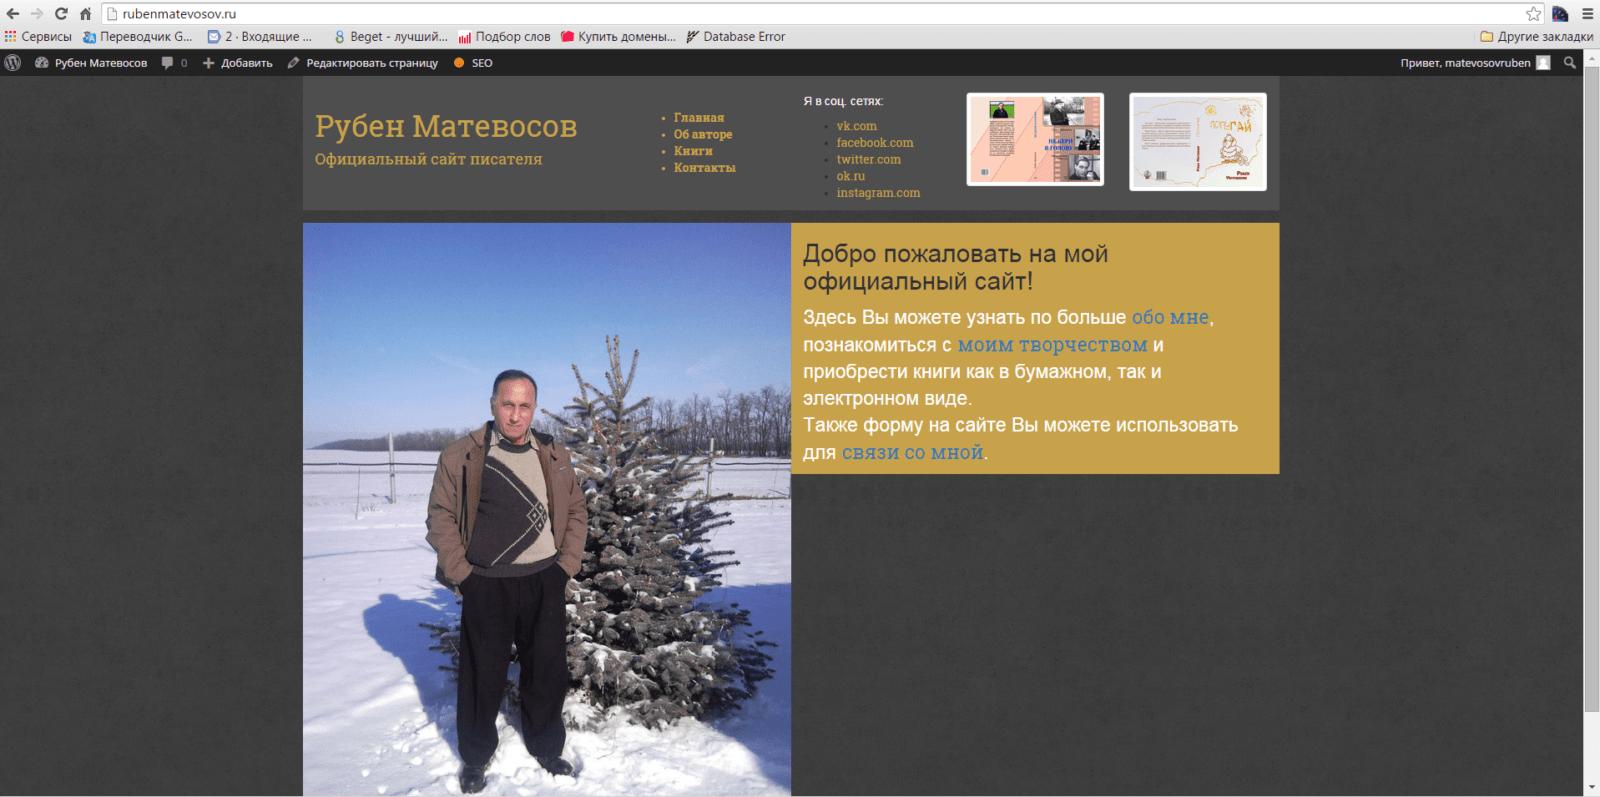 Создание сайта визитки писателя Рубена Матевосова